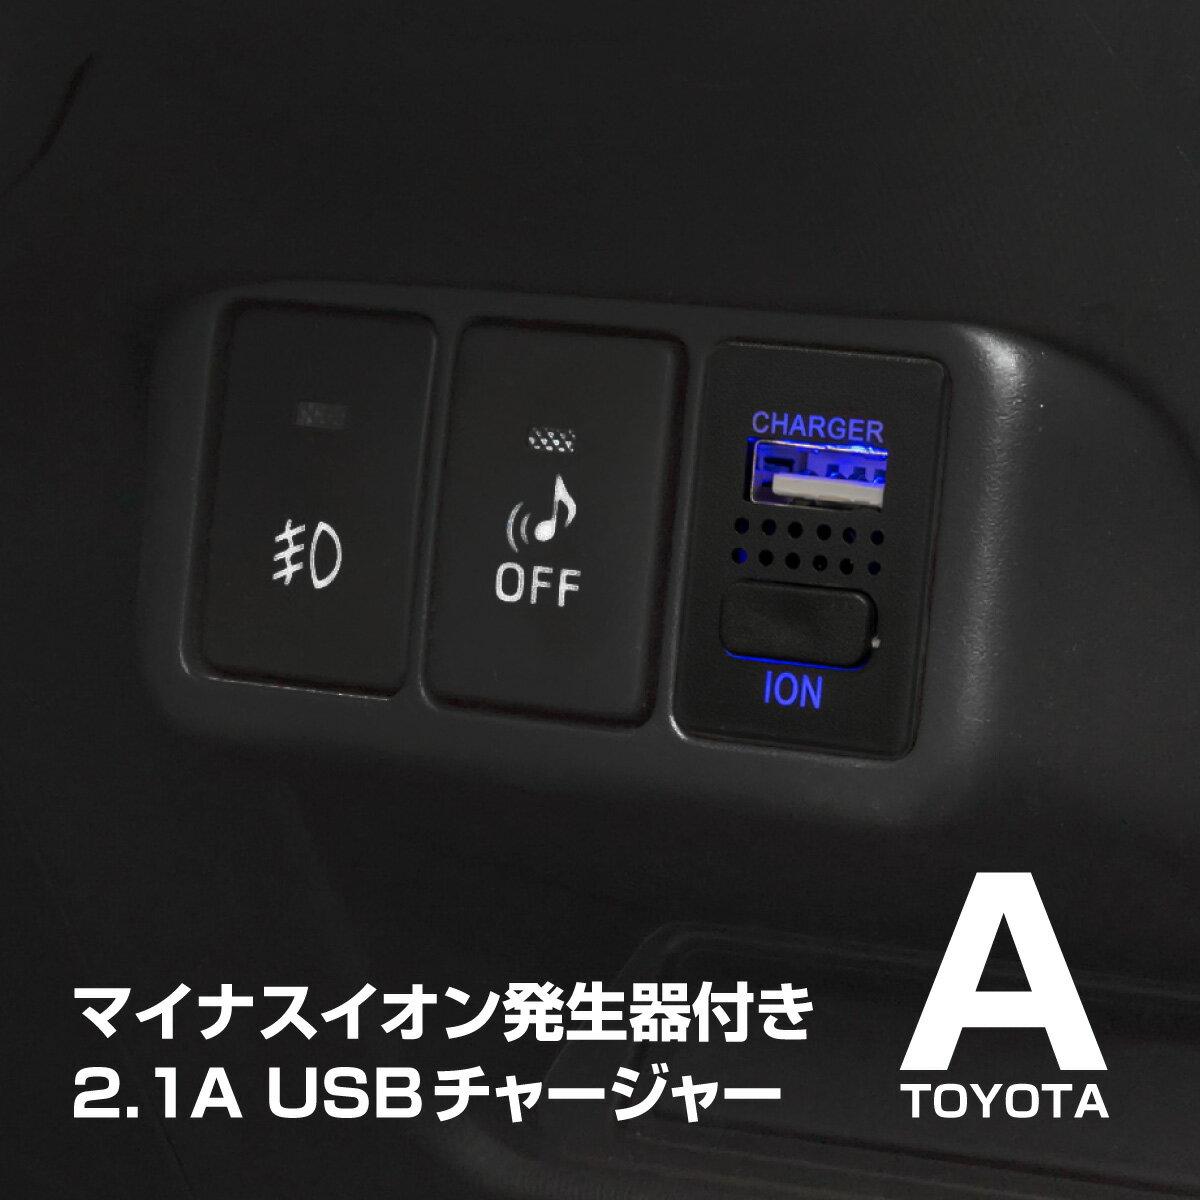 プリウス 30系 純正スイッチポート用 USBチャージャー 充電 空気清浄機能 消臭 LED ブルー スマホ 車 _59961t